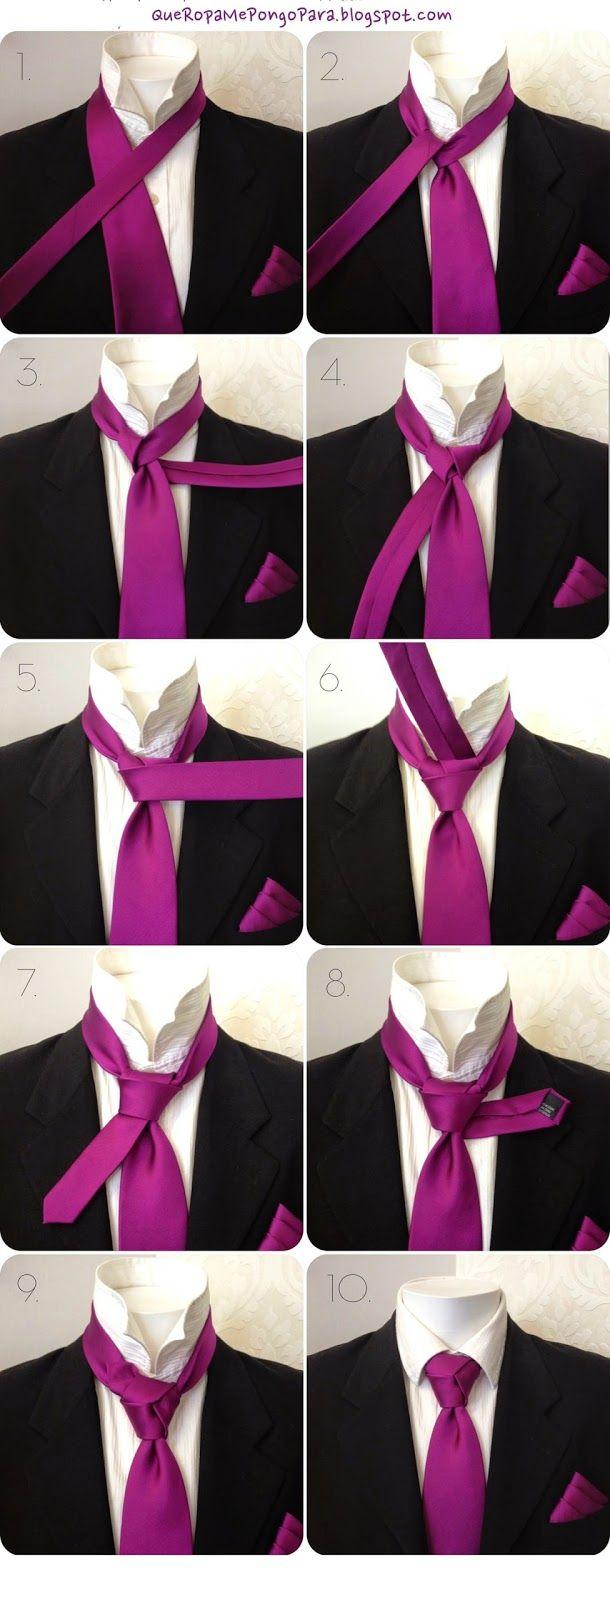 nudo de corbata trinity tie the knot trinity trebol nudos de corbata innovadores y. Black Bedroom Furniture Sets. Home Design Ideas